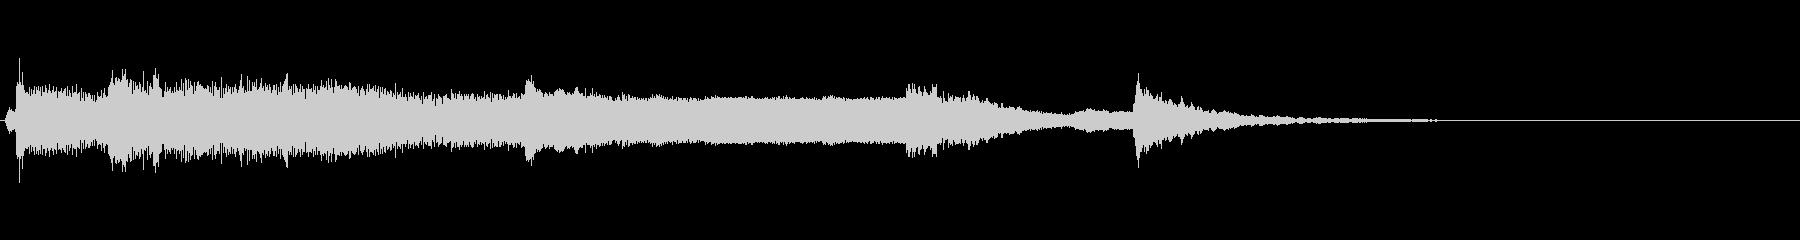 和風ジングル:しぶい尺八、筝、鼓の未再生の波形